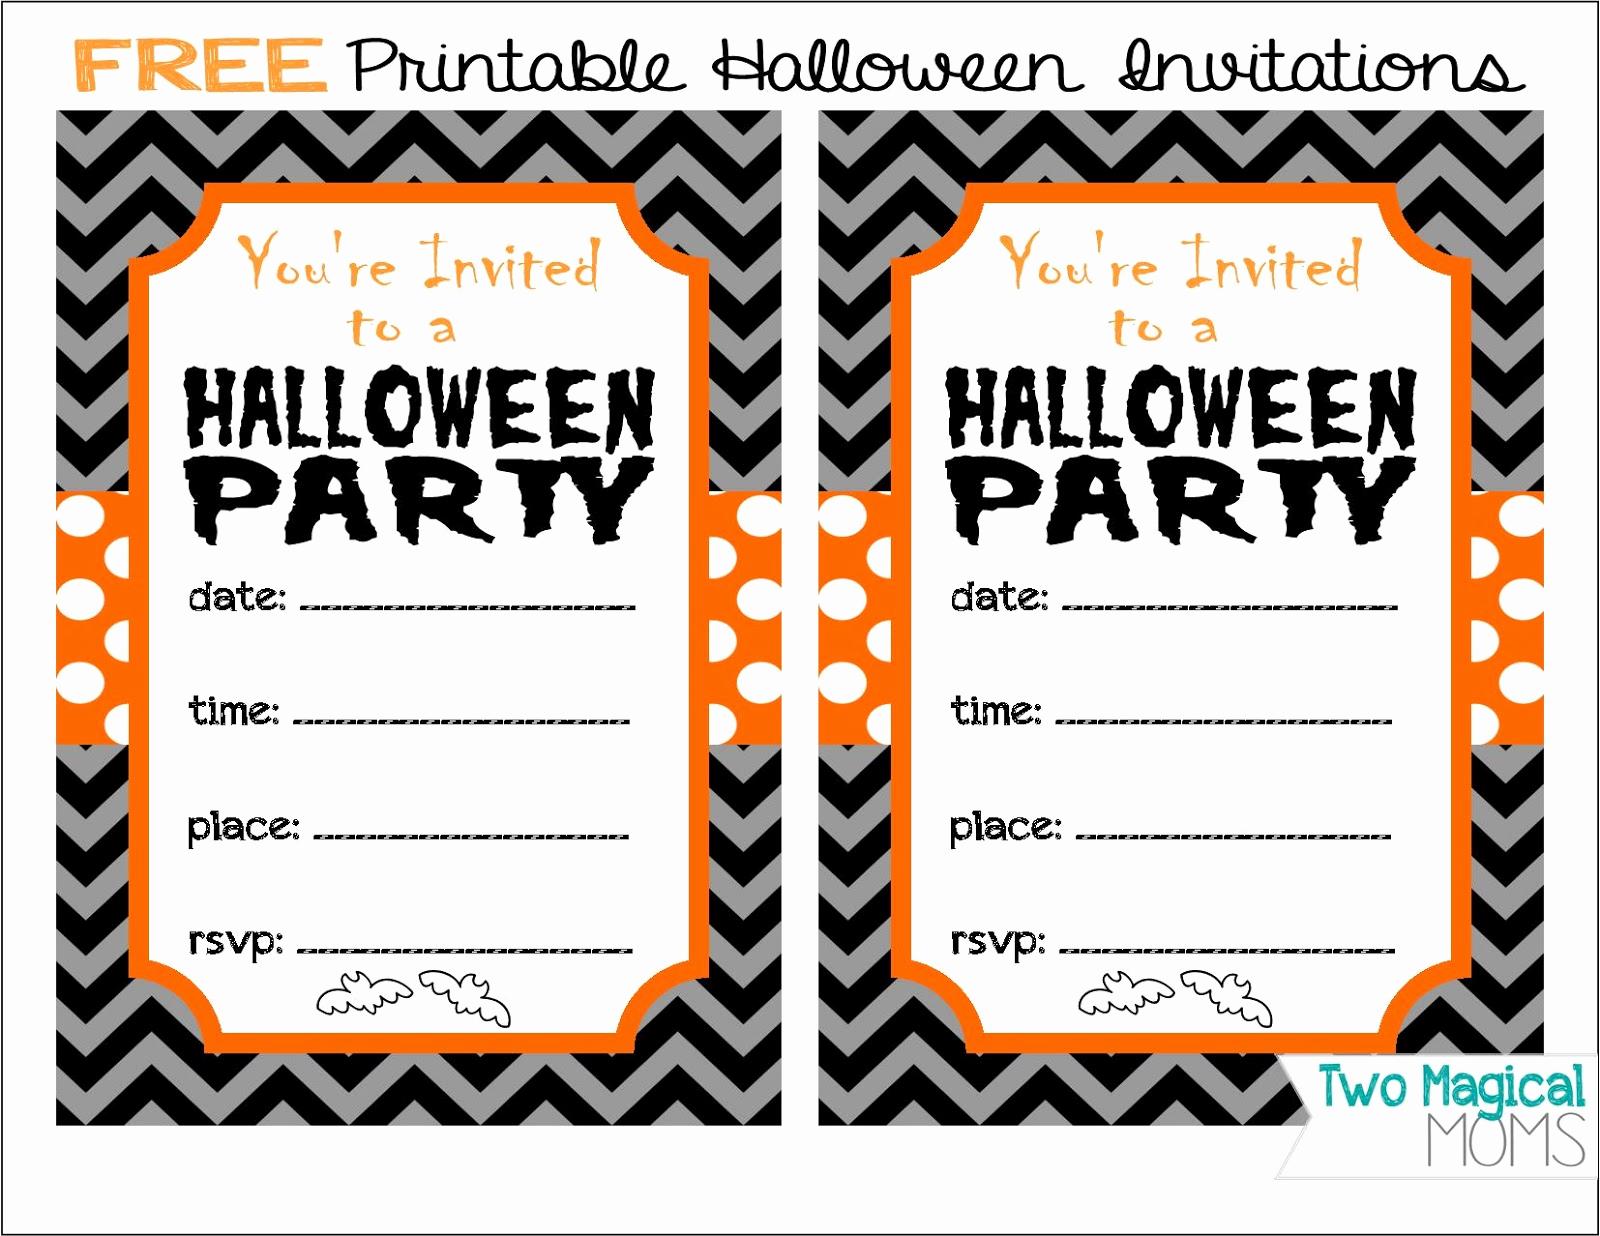 Free Halloween Invitation Templates Printable Awesome Two Magical Moms Free Printable Halloween Invitations